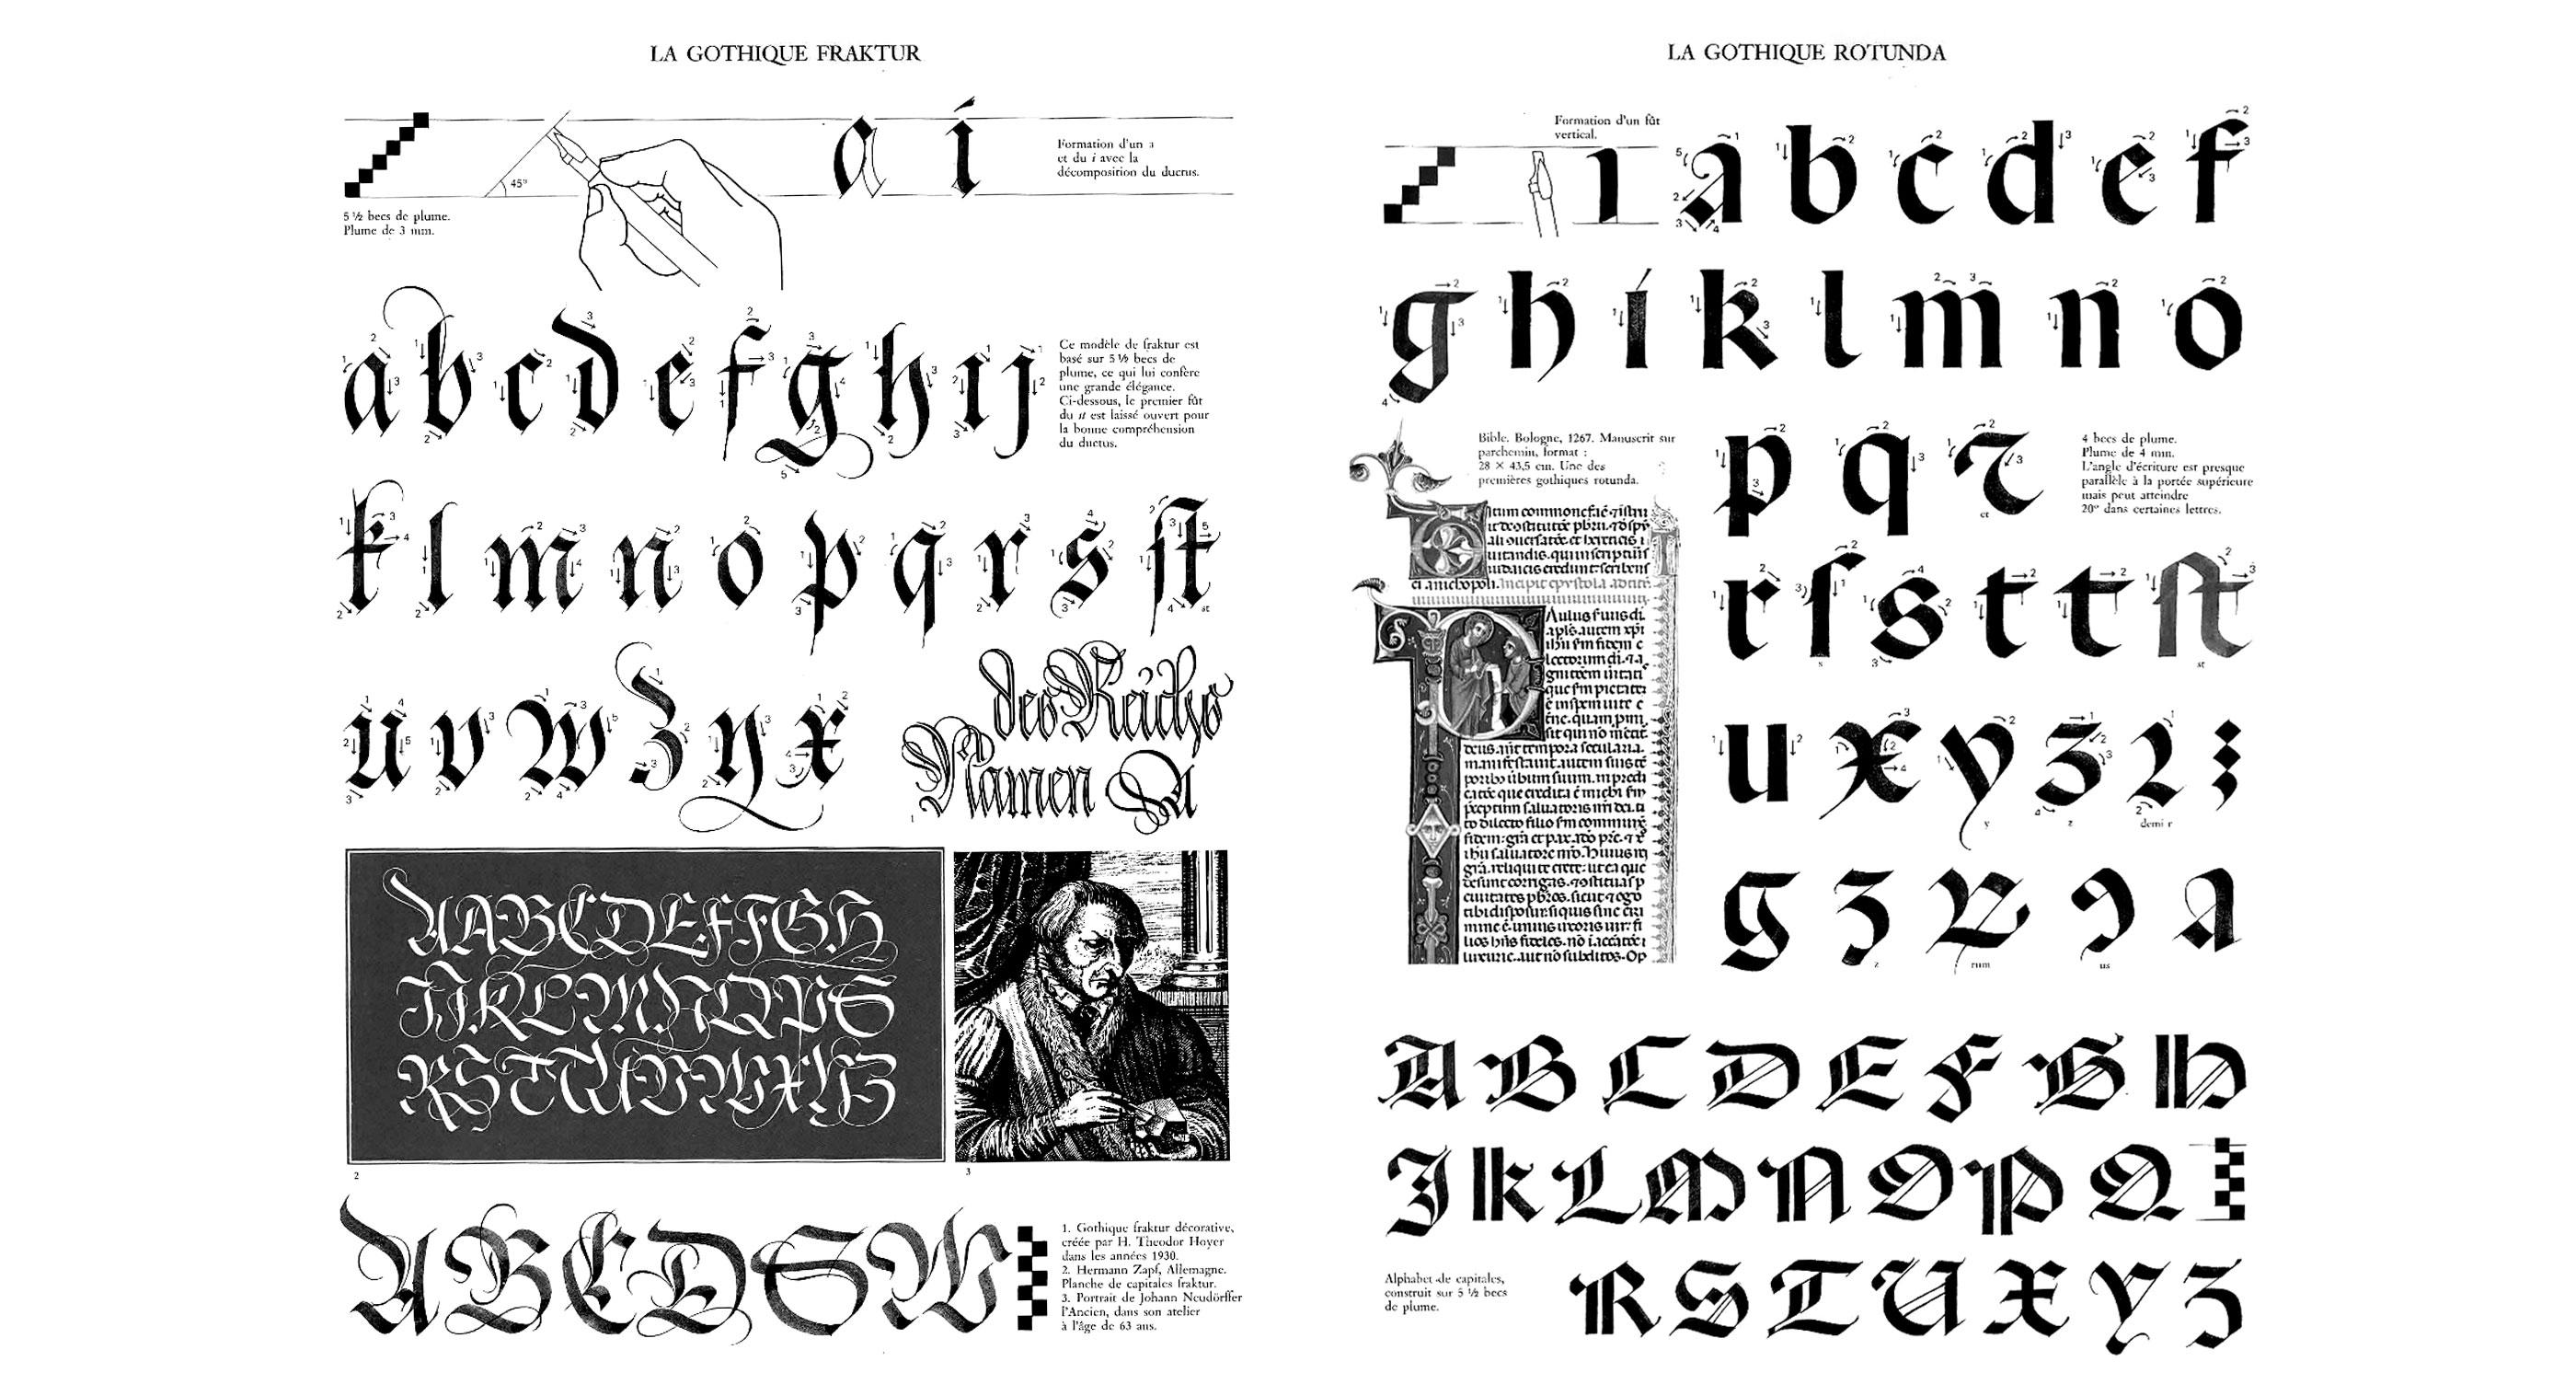 claude-mediavilla-calligraphie-gothique-fraktur-rotunda-nb